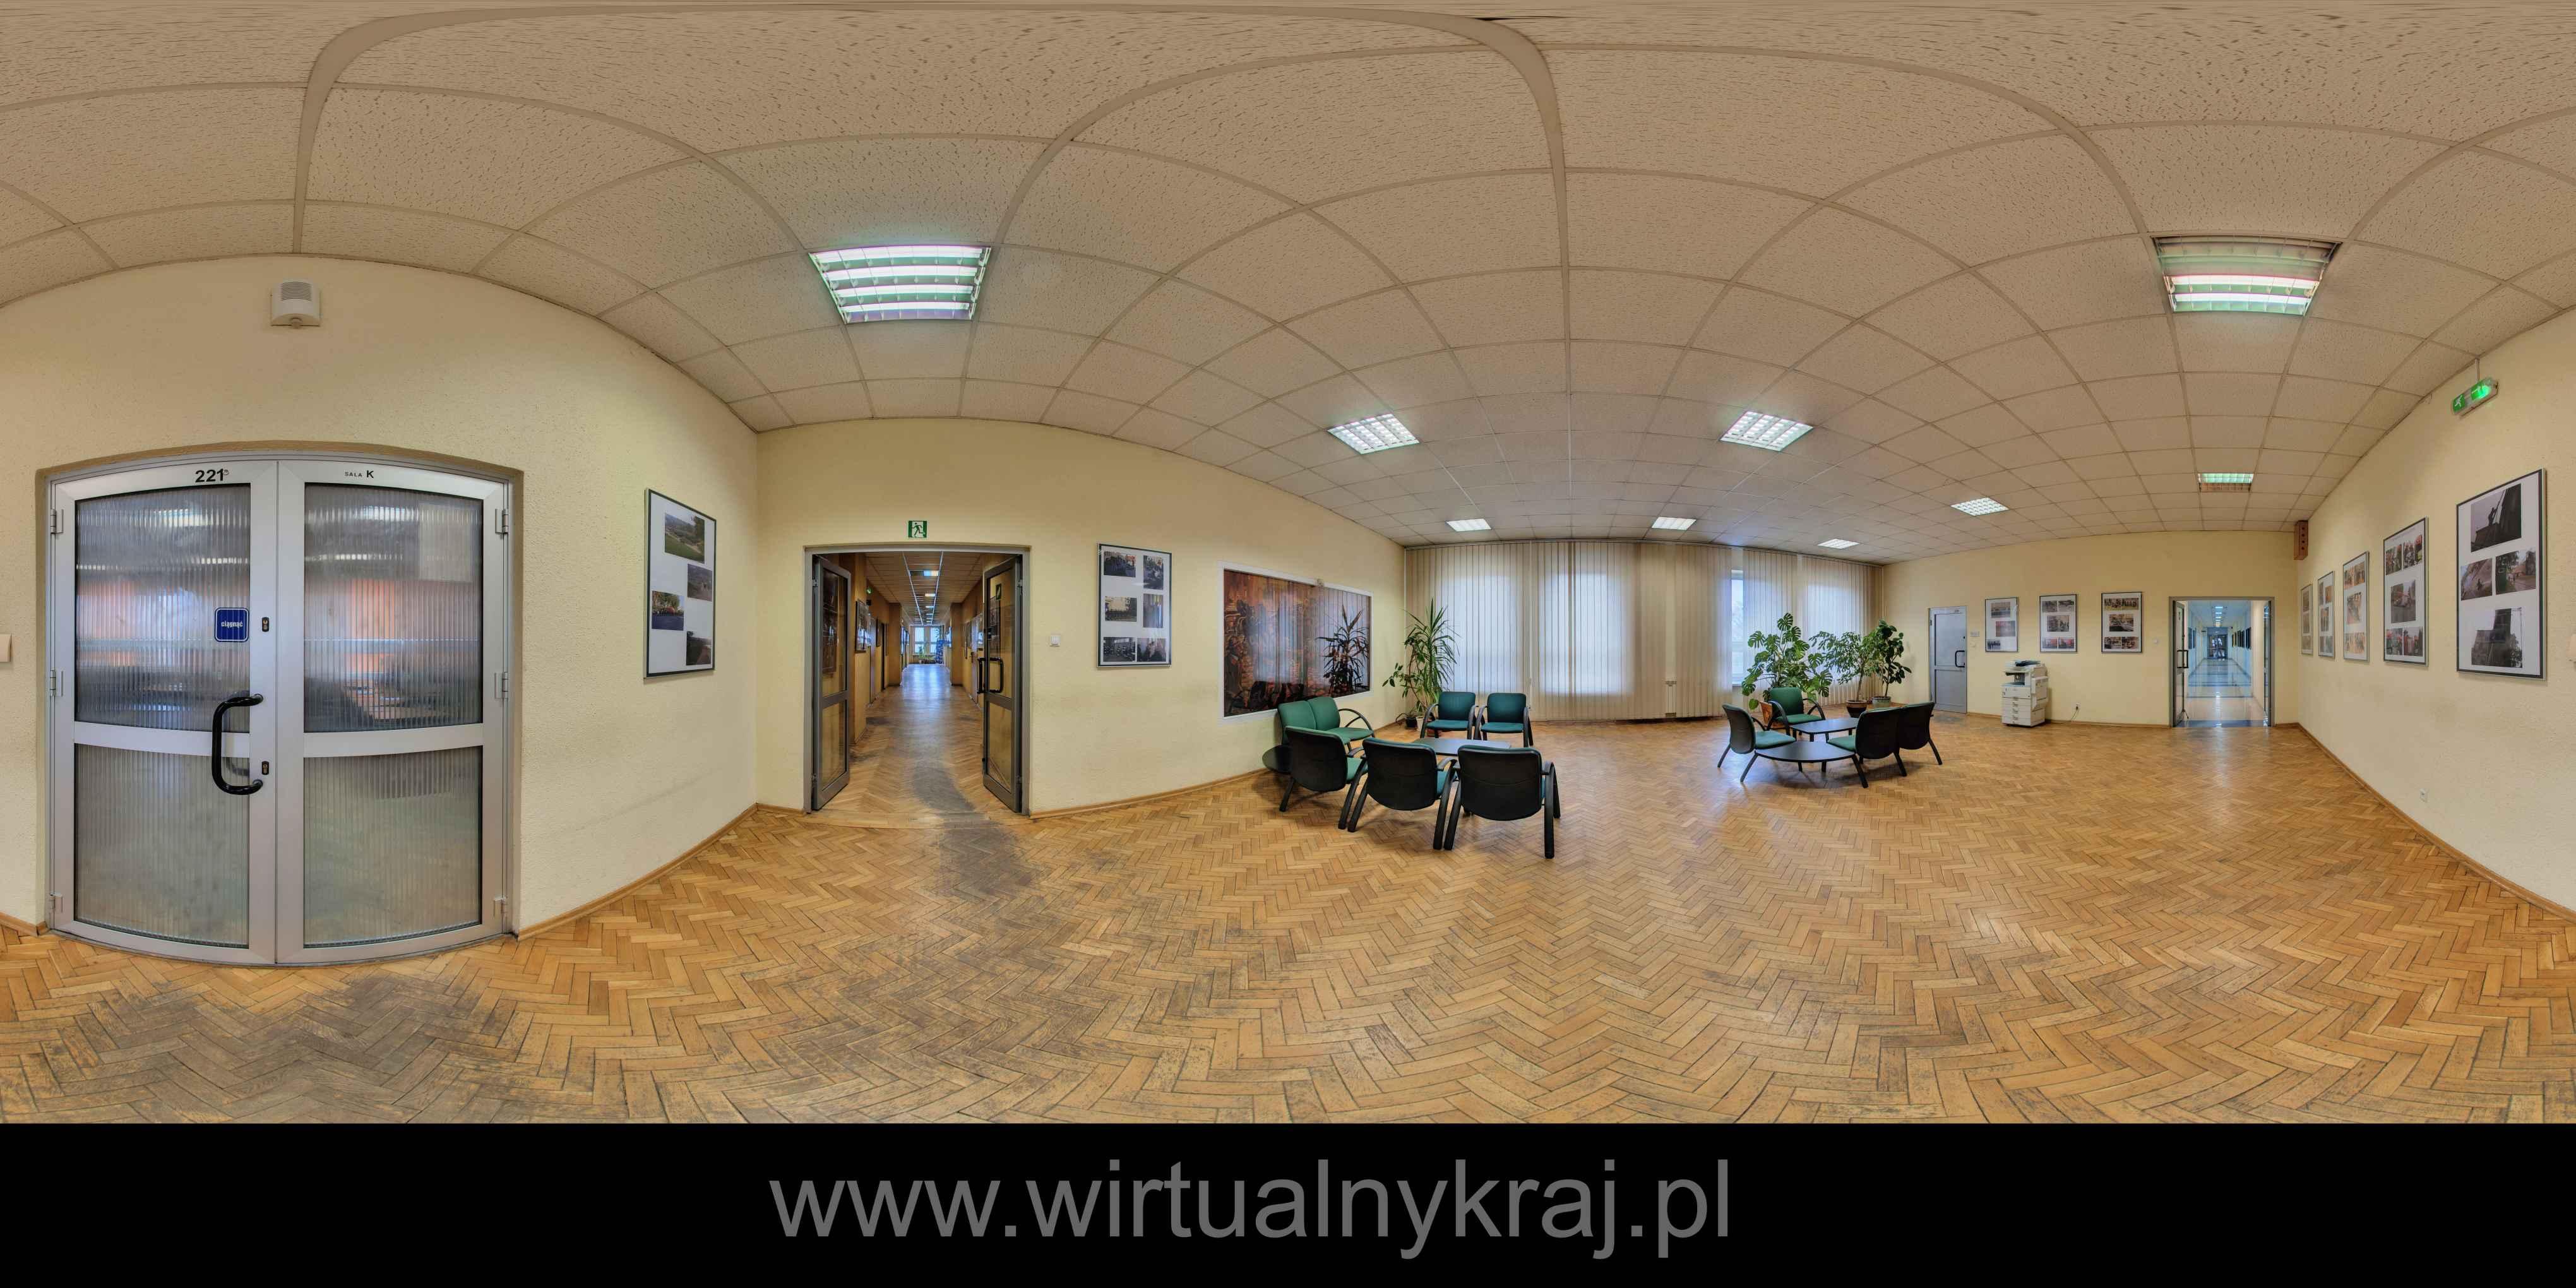 Prezentacja panoramiczna dla obiektu Szkoła Aspirantów Państwowej Straży Pożarnej w Krakowie